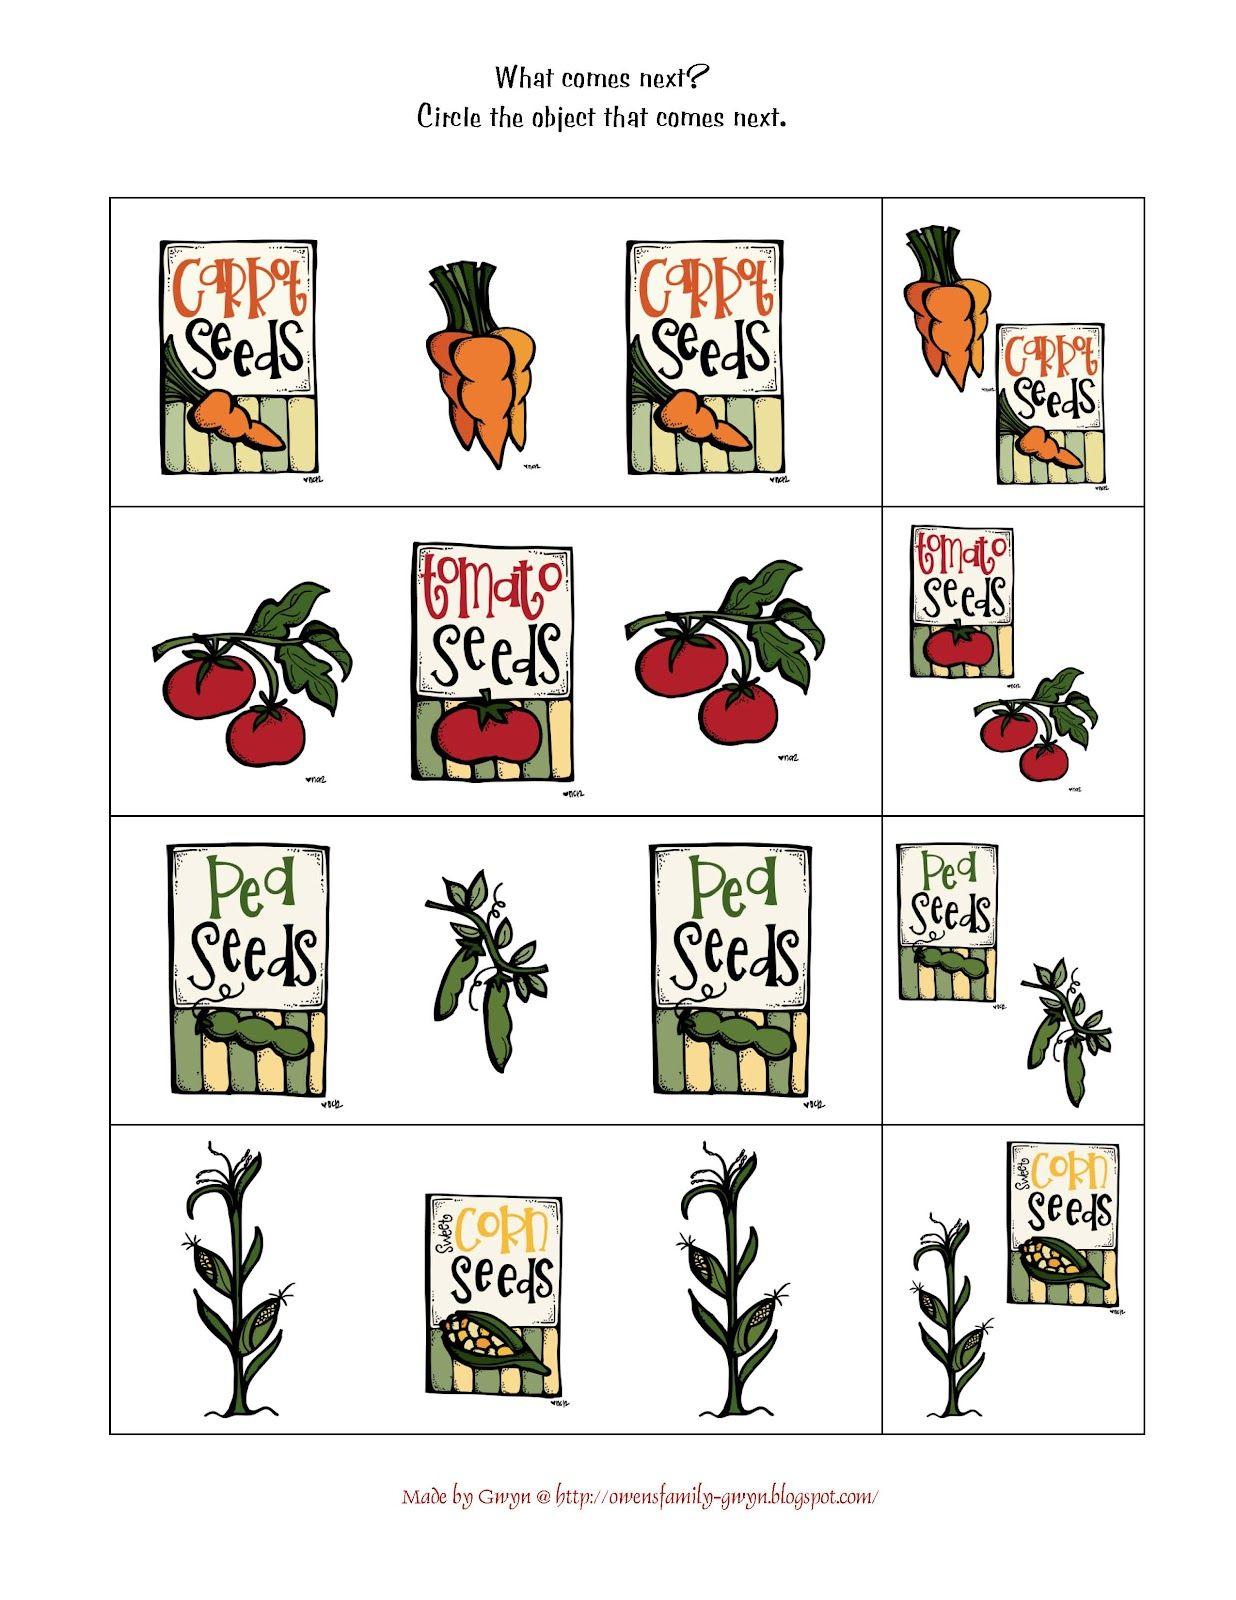 Free Preschool Printables Garden Theme For Preschool Preschool Printables Preschool Themes Free Preschool Printables [ 1600 x 1236 Pixel ]